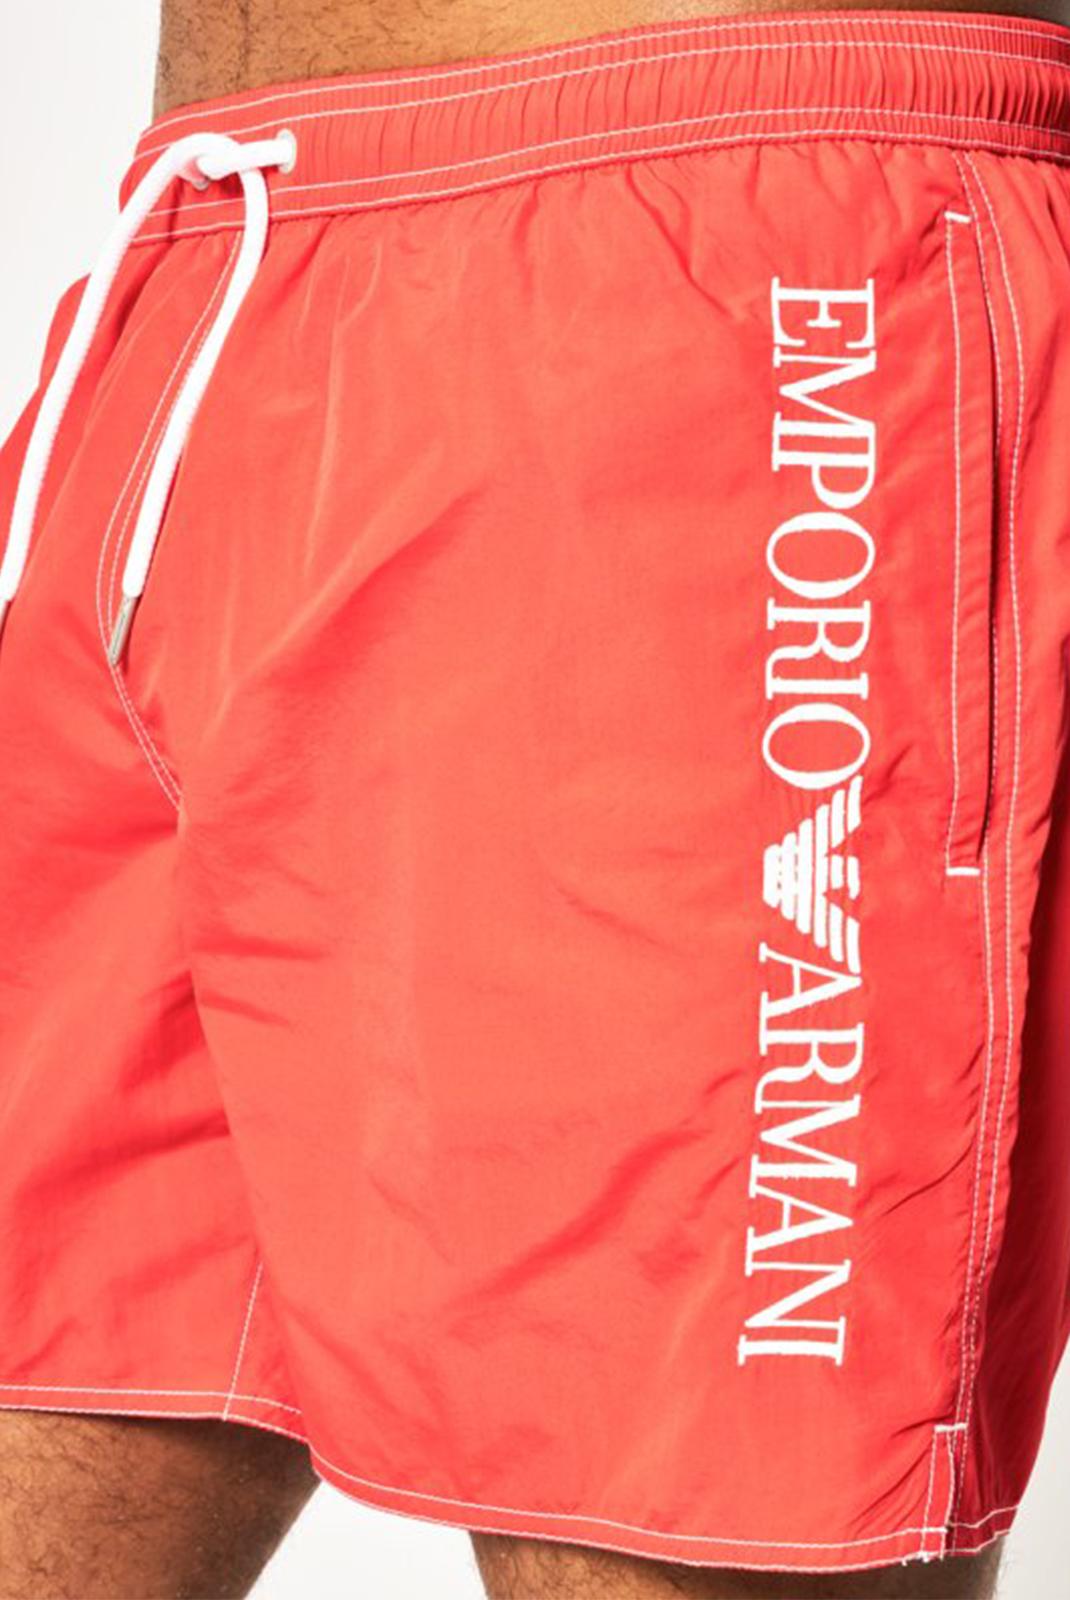 Shorts de bain  Emporio armani 211740 0P422 00175 FIAMMA